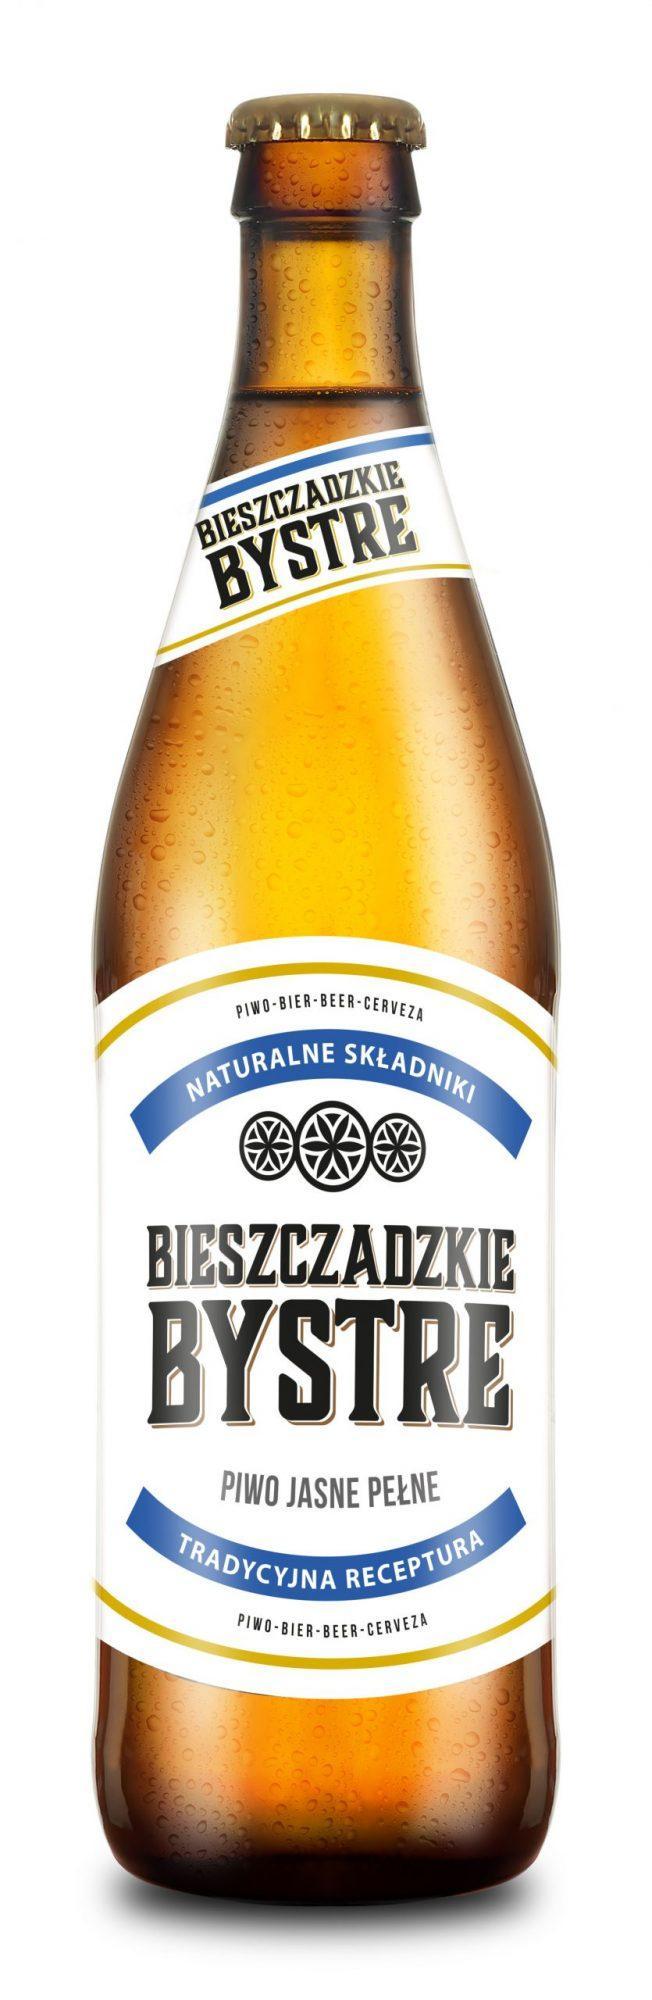 Piwo Bieszczadzkie Bystre - bystre scaled